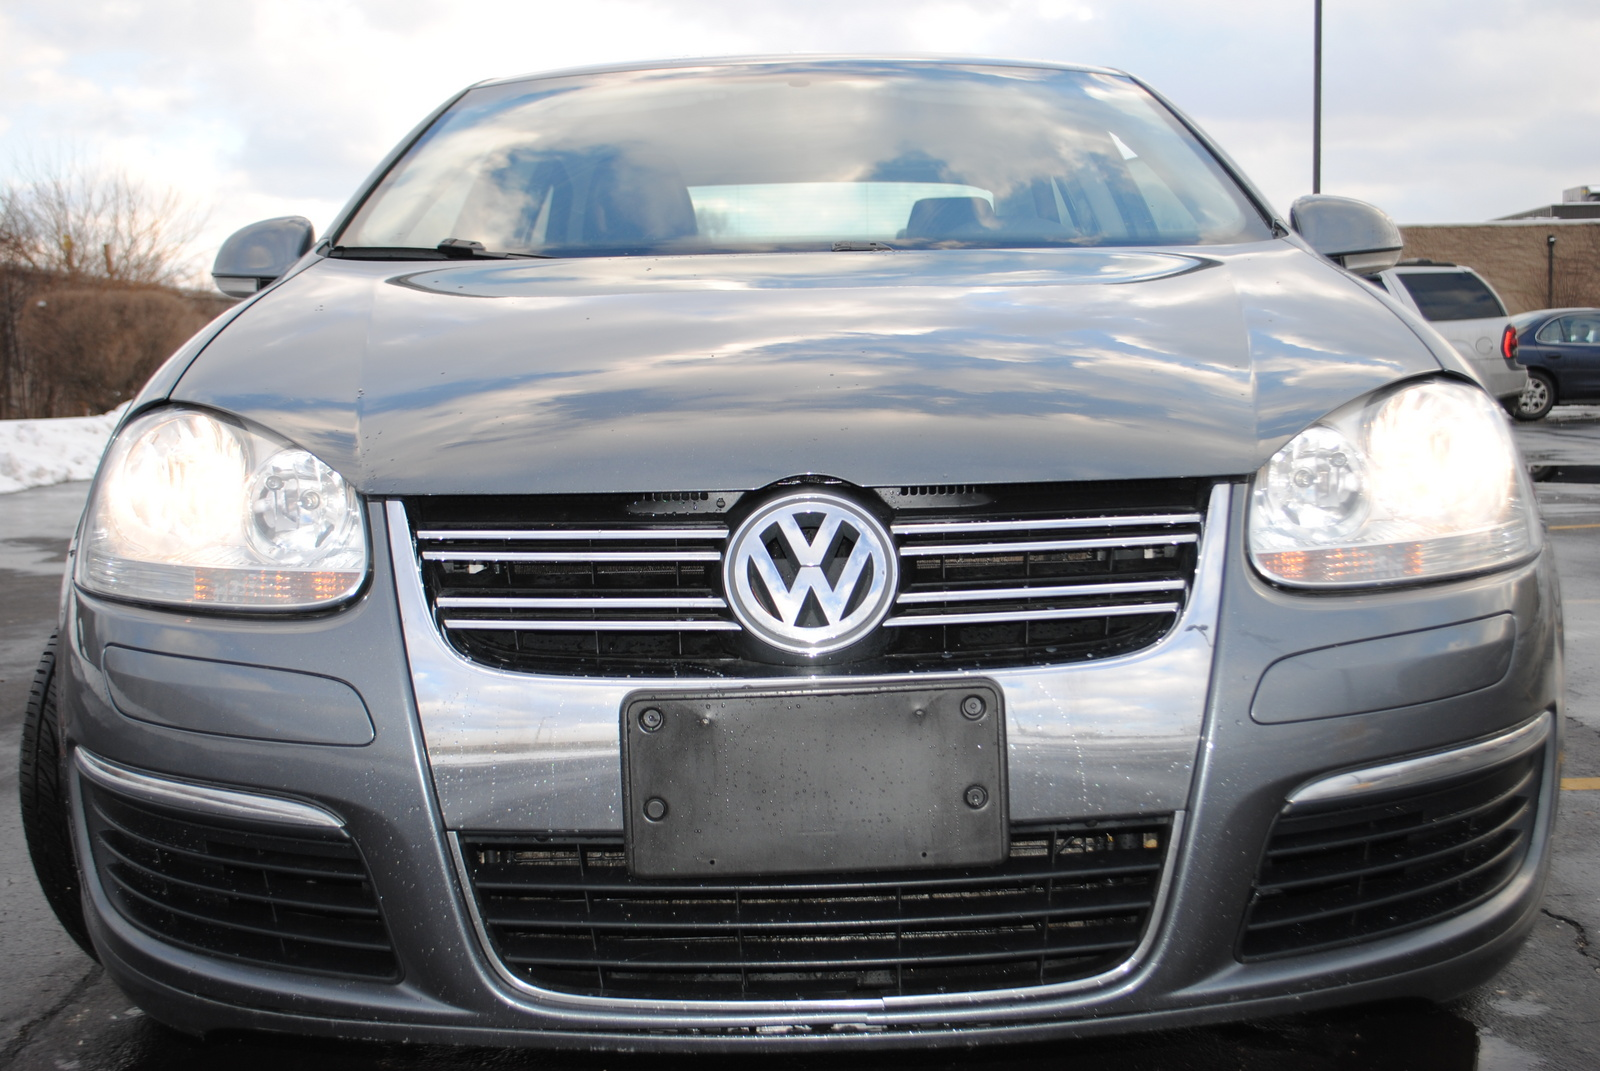 2010 Volkswagen Jetta Pictures Cargurus